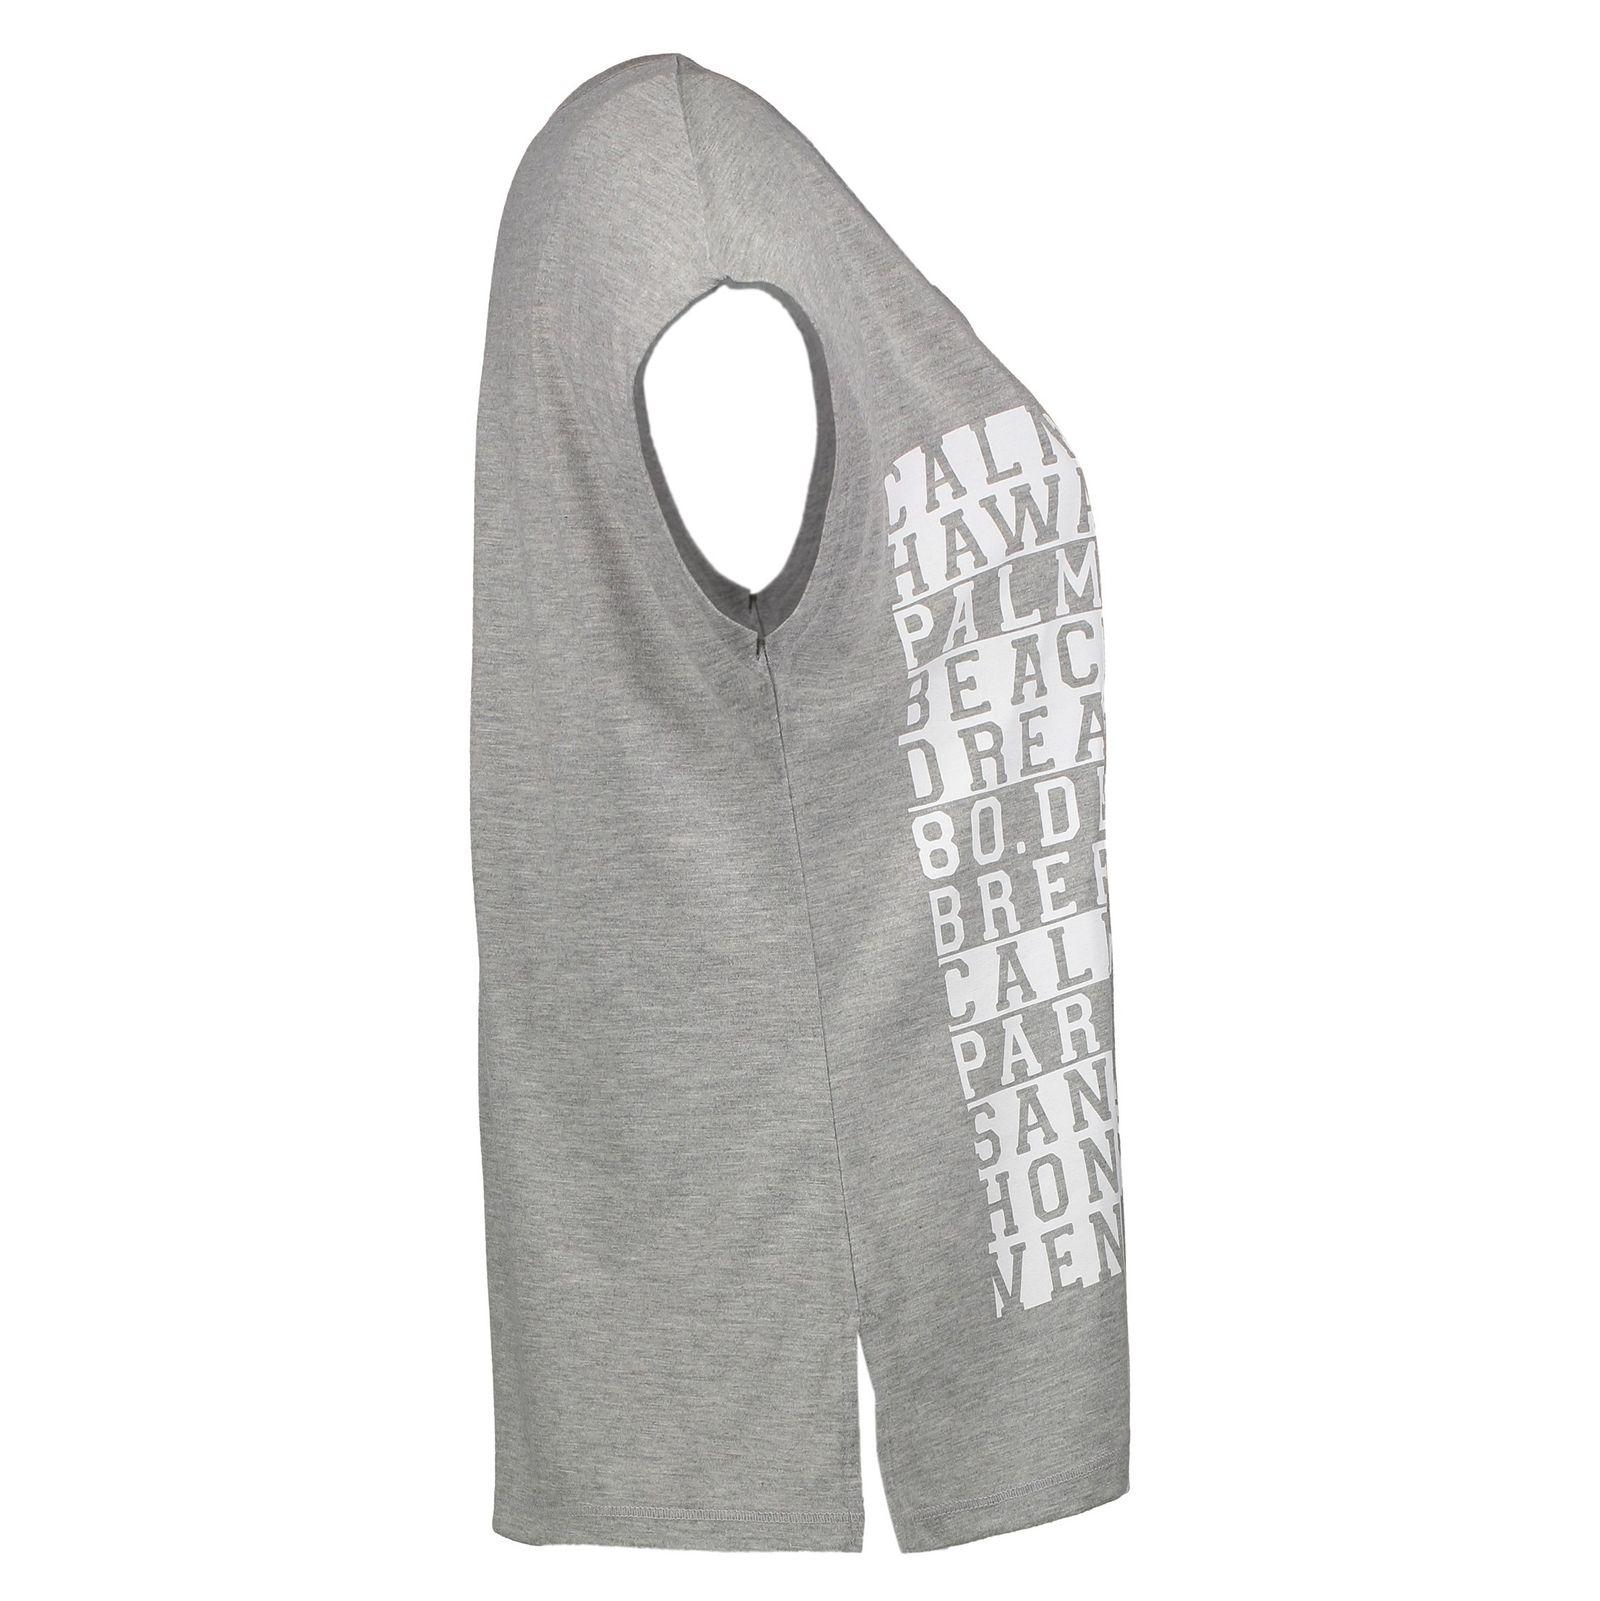 تی شرت یقه گرد زنانه Boxy Text - سوپردرای - طوسي روشن - 4